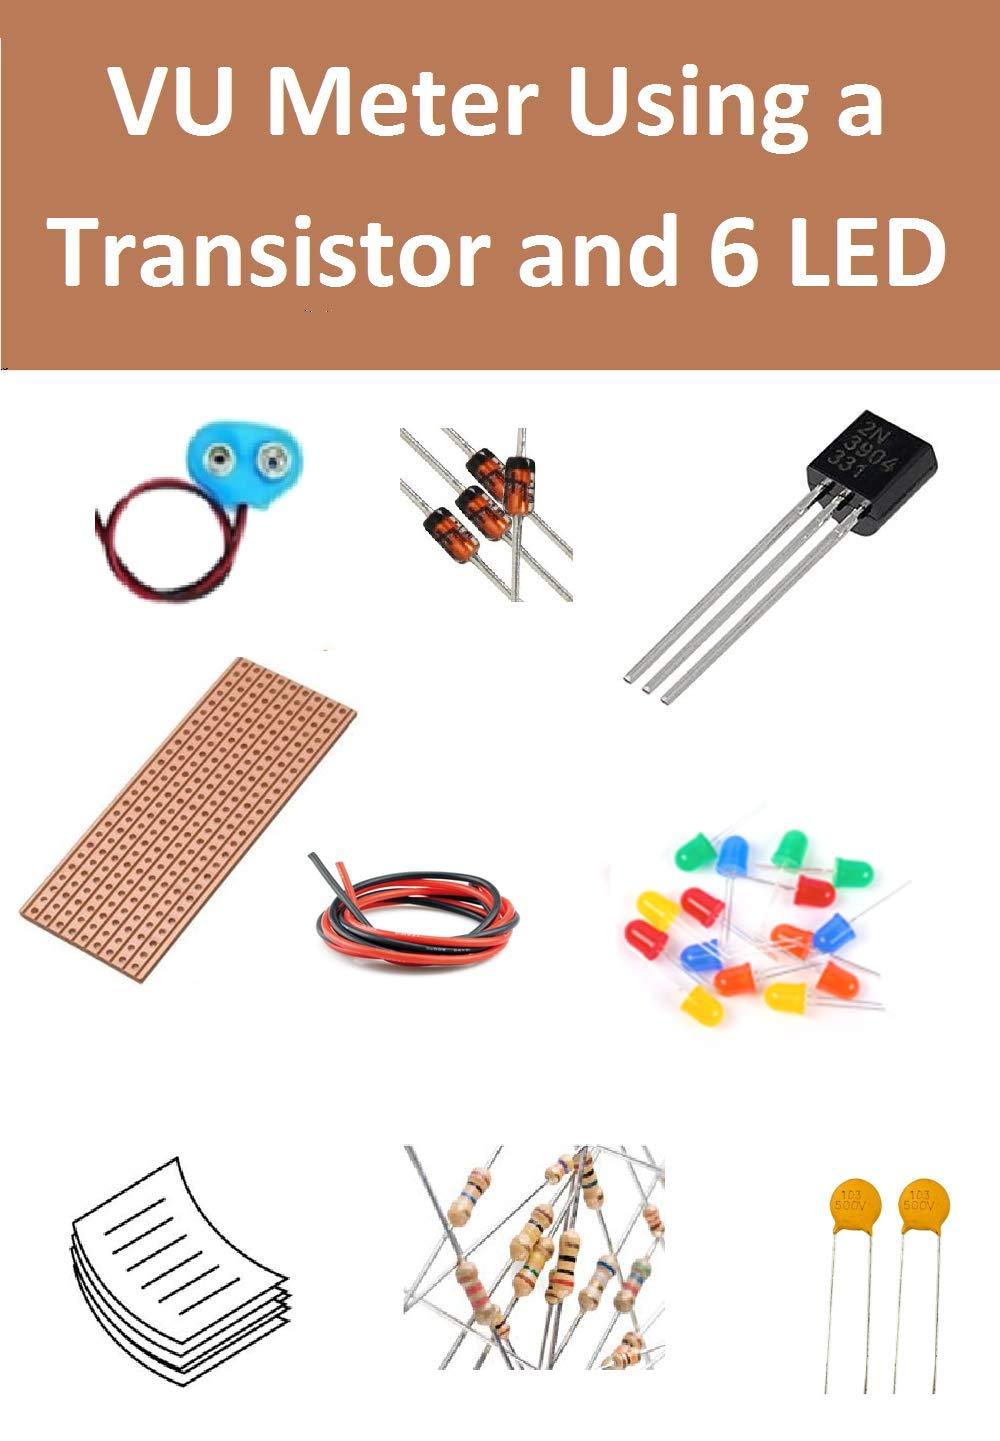 Lm3915 Vu Meter Circuit Filter Lm3915 Vu Meter I